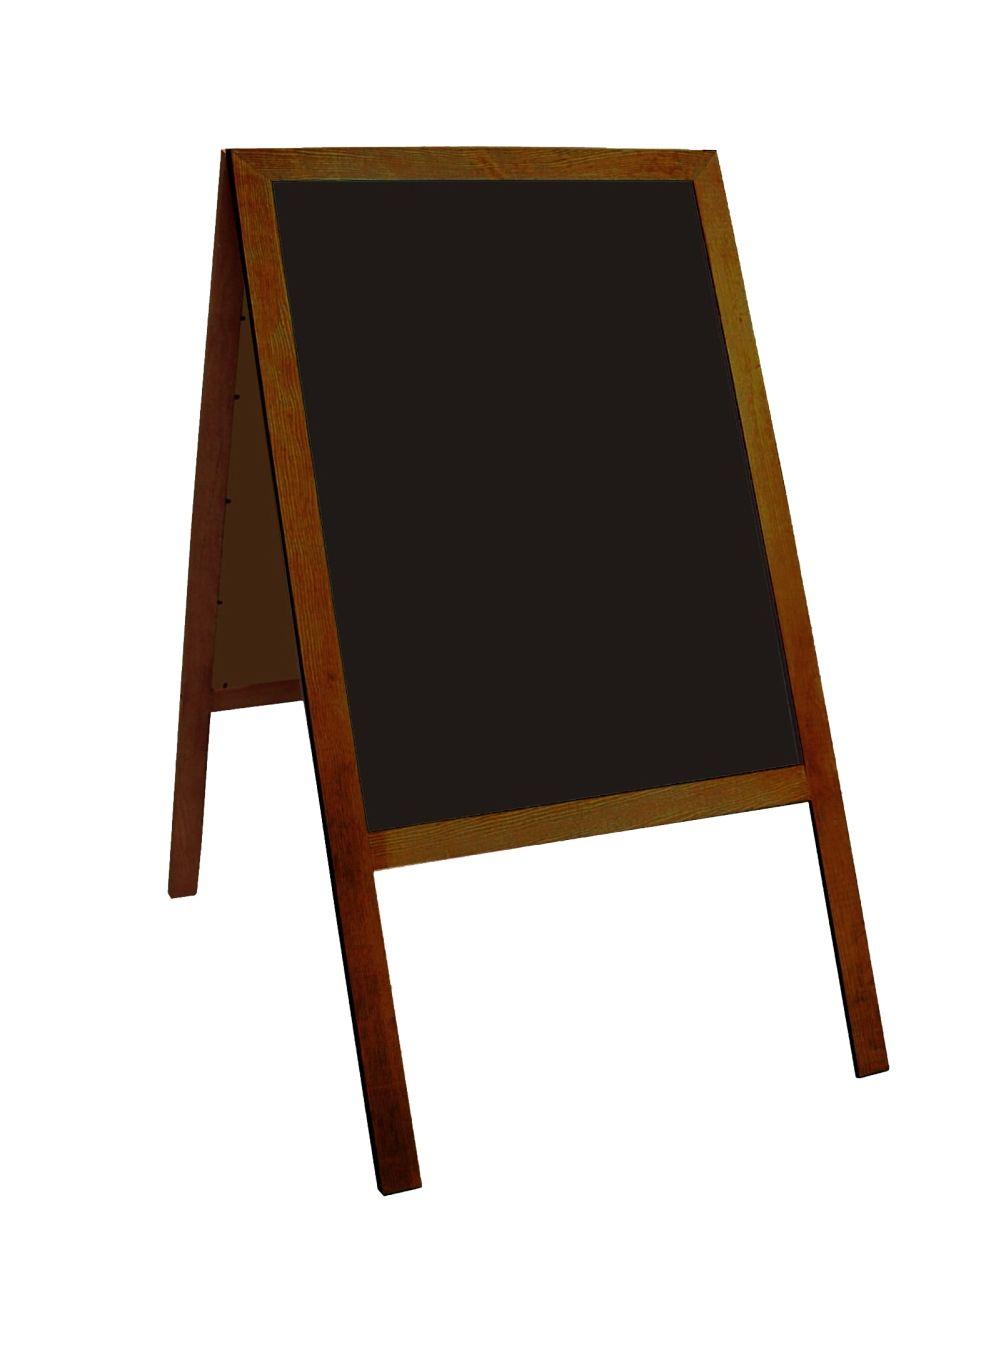 A-stojan oboustranný, křídová tabule černá, 120x60 cm, dřevěný rám, hnědý